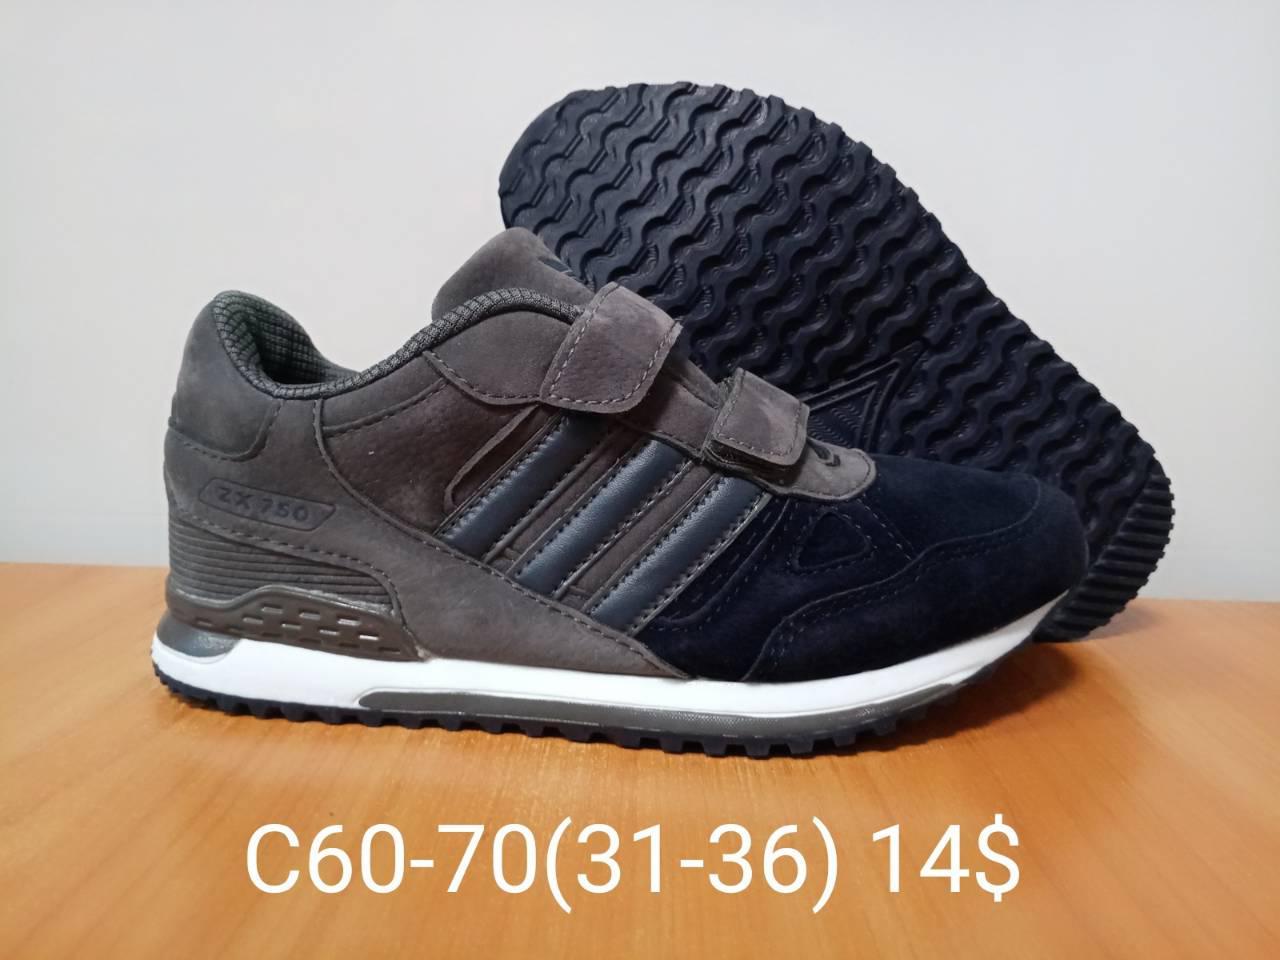 d1a64dfeadd2 Детские кроссовки оптом от adidas (31-36)  обувь кроссовки детские ...